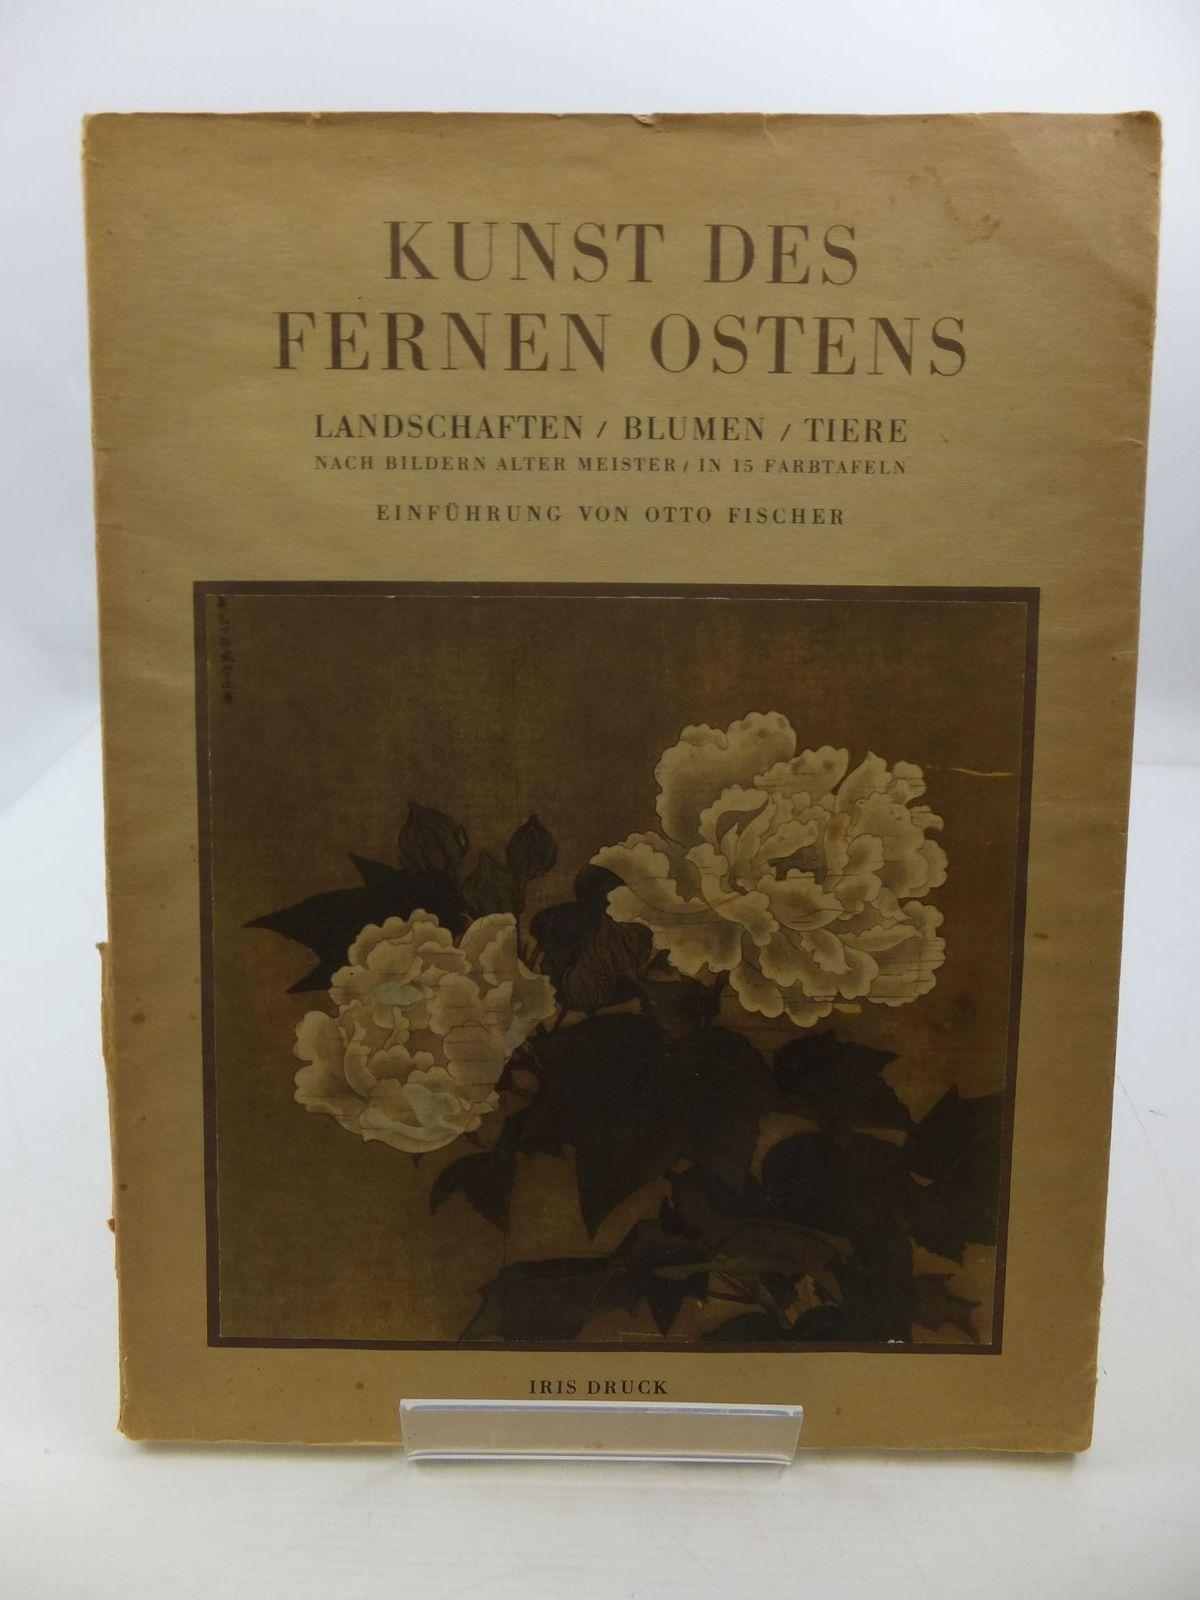 Photo of KUNST DES FERNEN OSTENS written by Von Otto Fischer, Einfuhrung published by Iris Druck C. Weller & Co. (STOCK CODE: 2110482)  for sale by Stella & Rose's Books